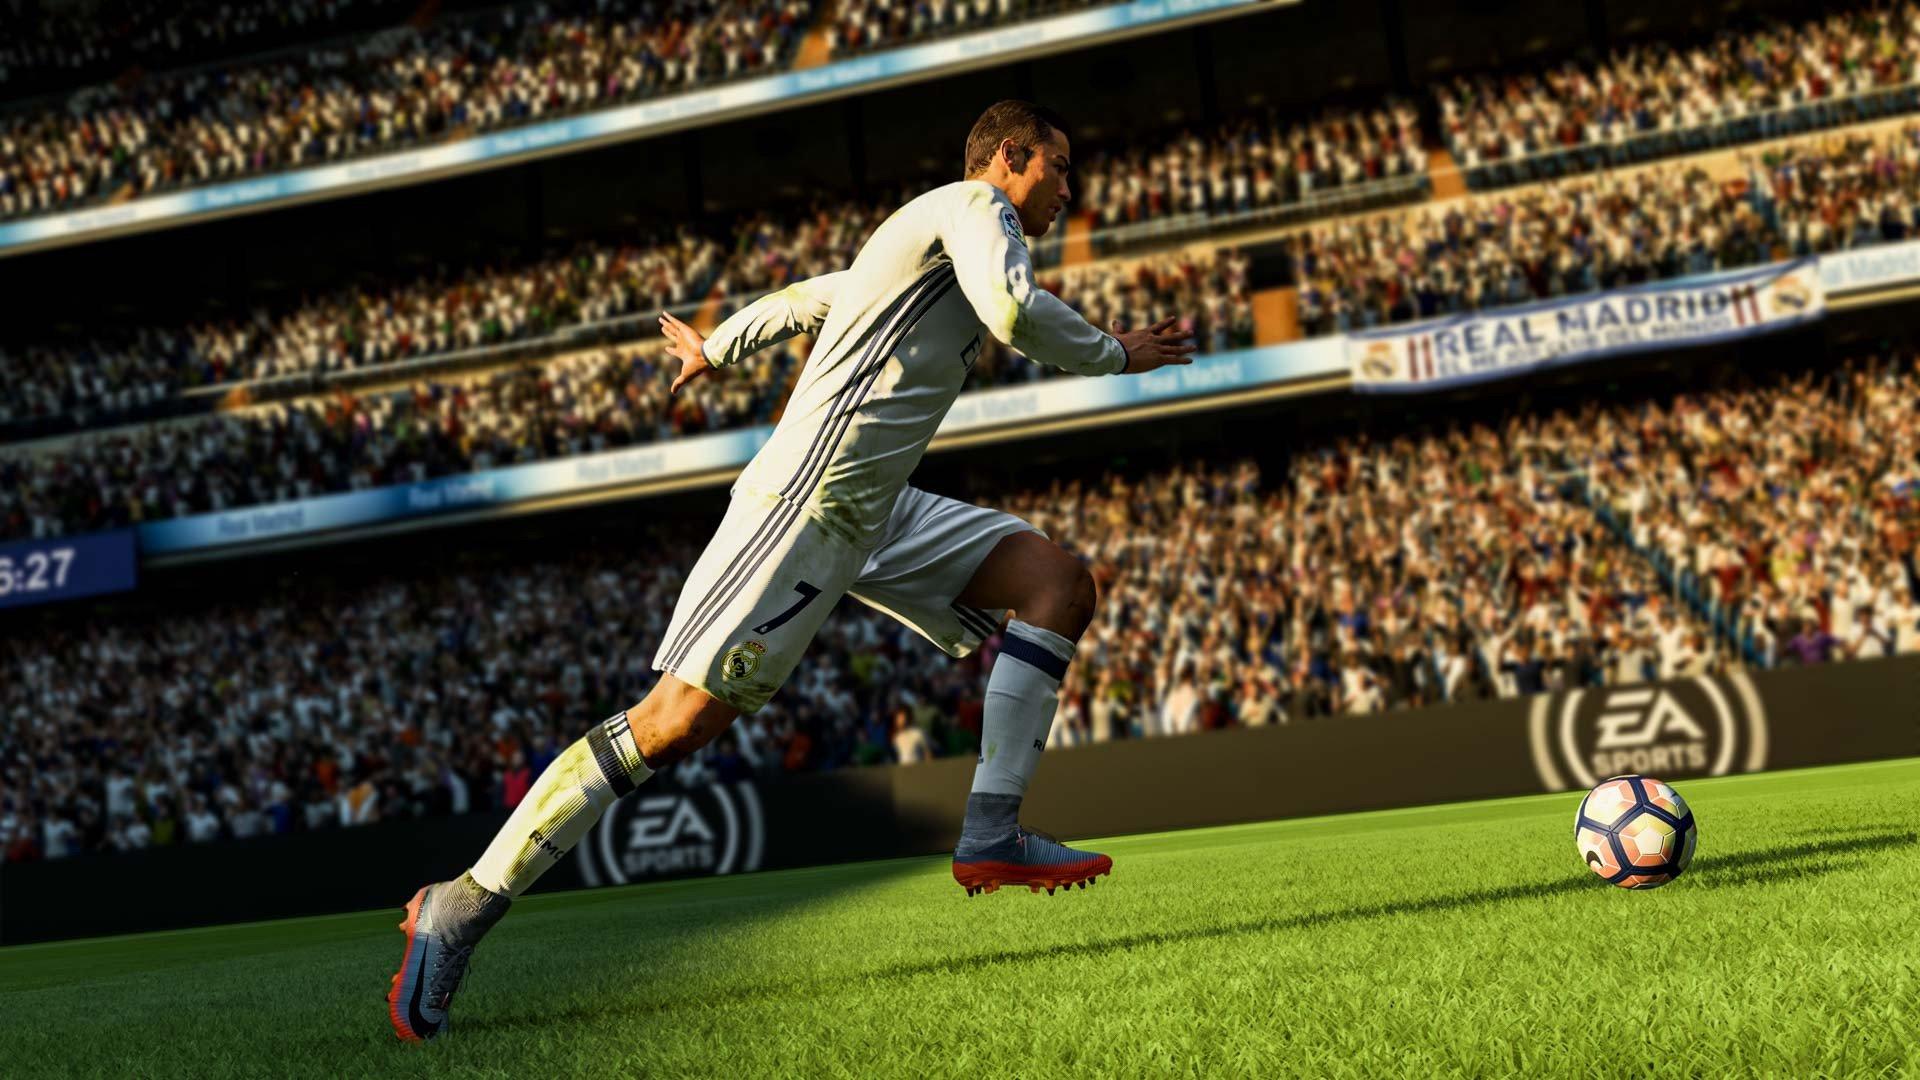 Сравнение графики FIFA 18 на Xbox One X, PS4 Pro и PC